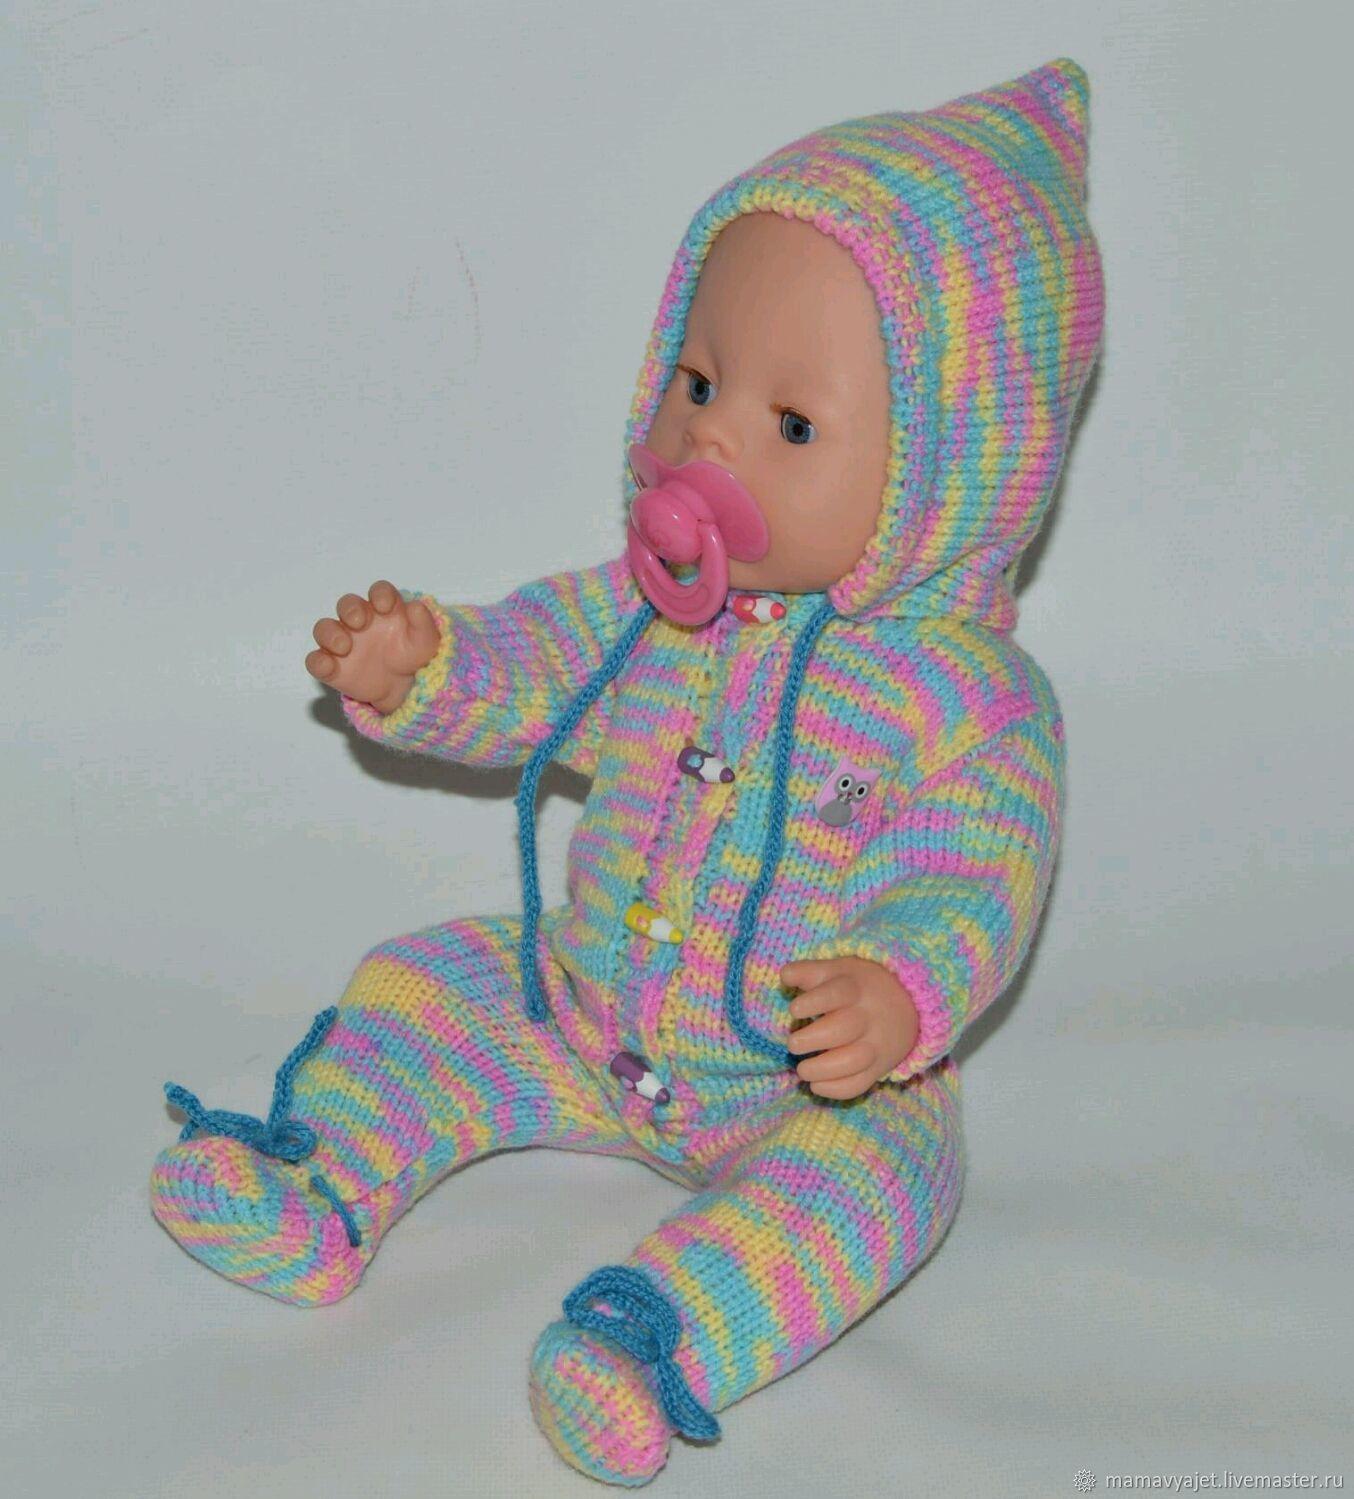 вязаная одежда для пупсов и кукол одежда для беби бон и не только